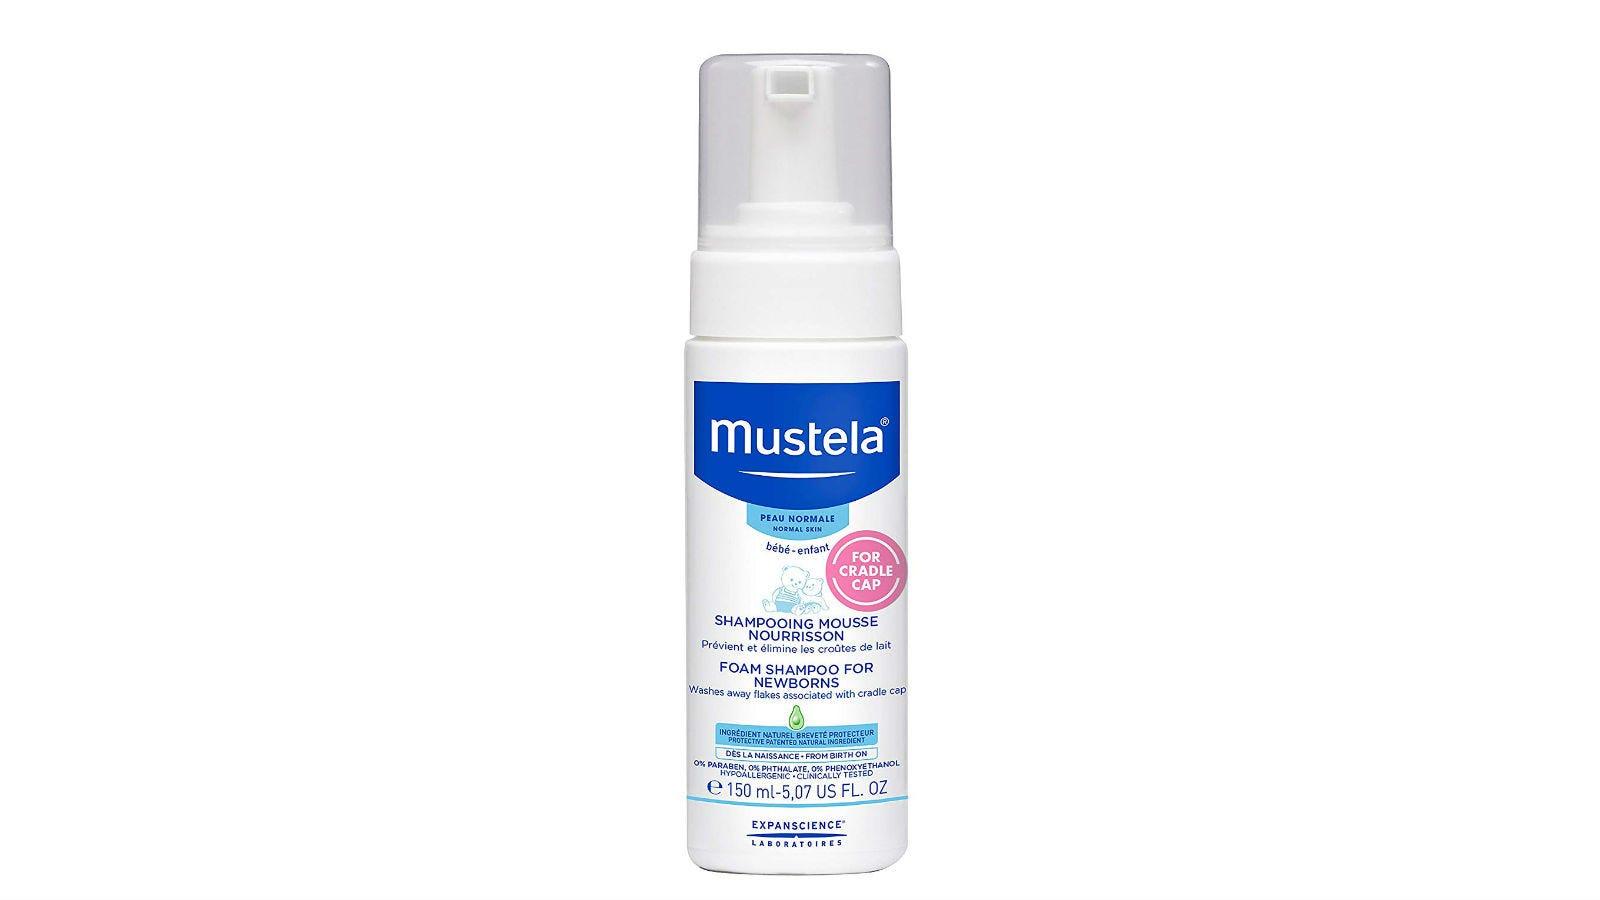 A pump bottle of Mustela Foam Shampoo.